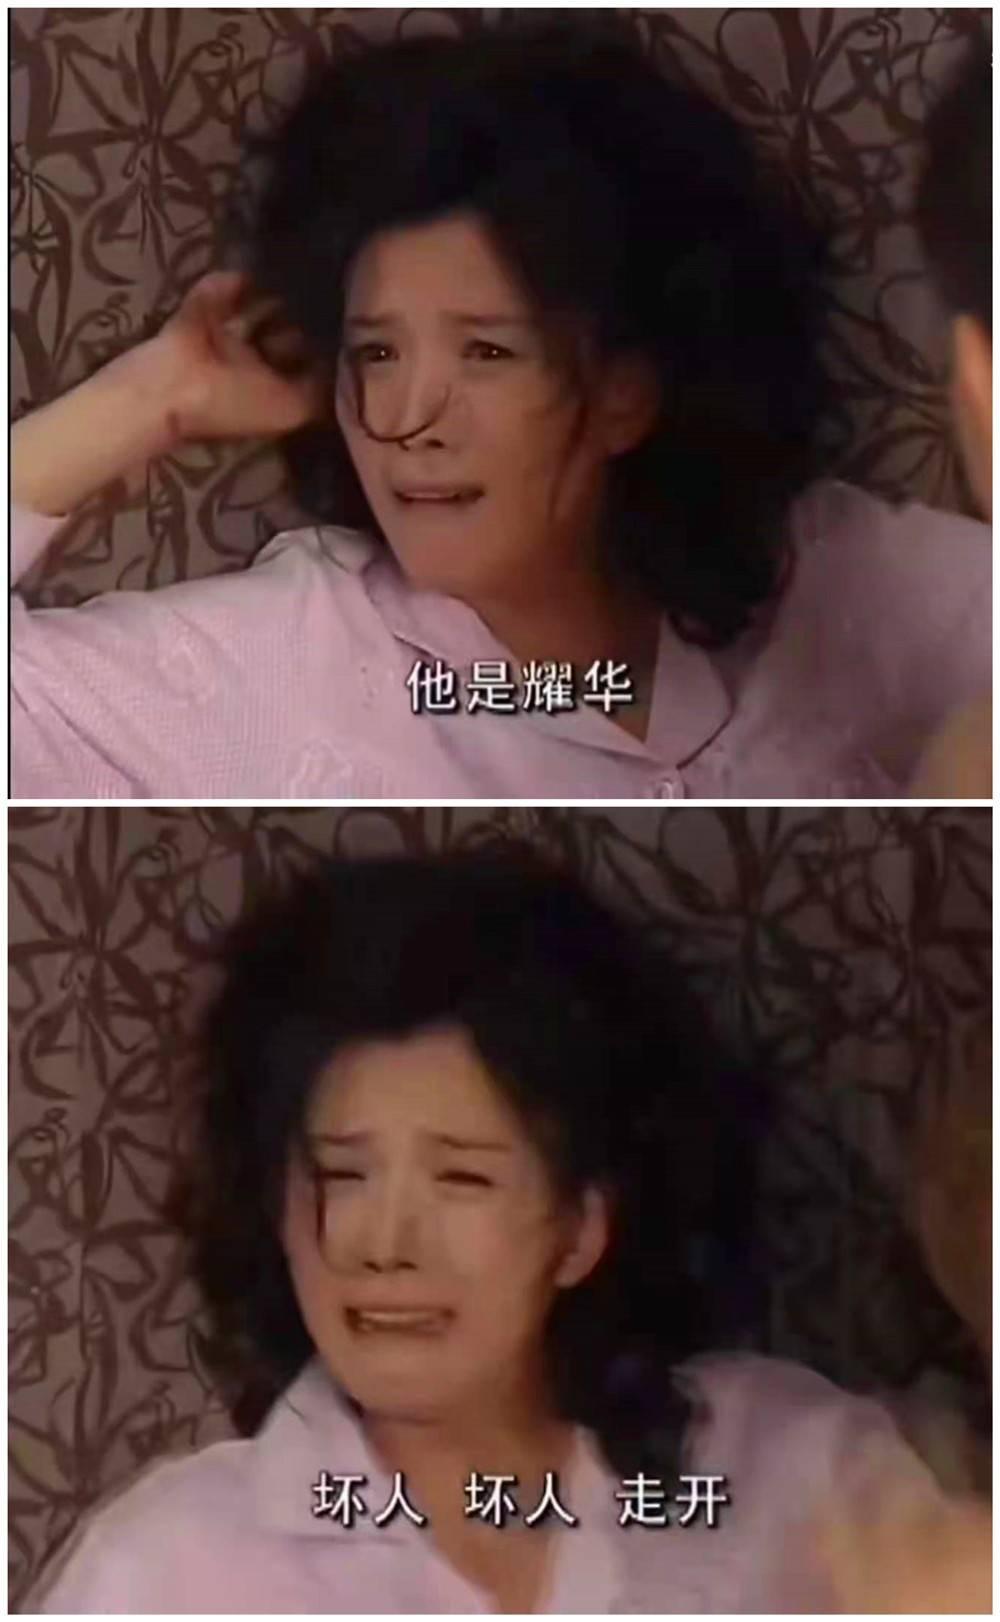 图片[16]-那些年被妈妈抢遥控器的神剧,我妈看得津津有味,我气到骂骂咧咧-妖次元